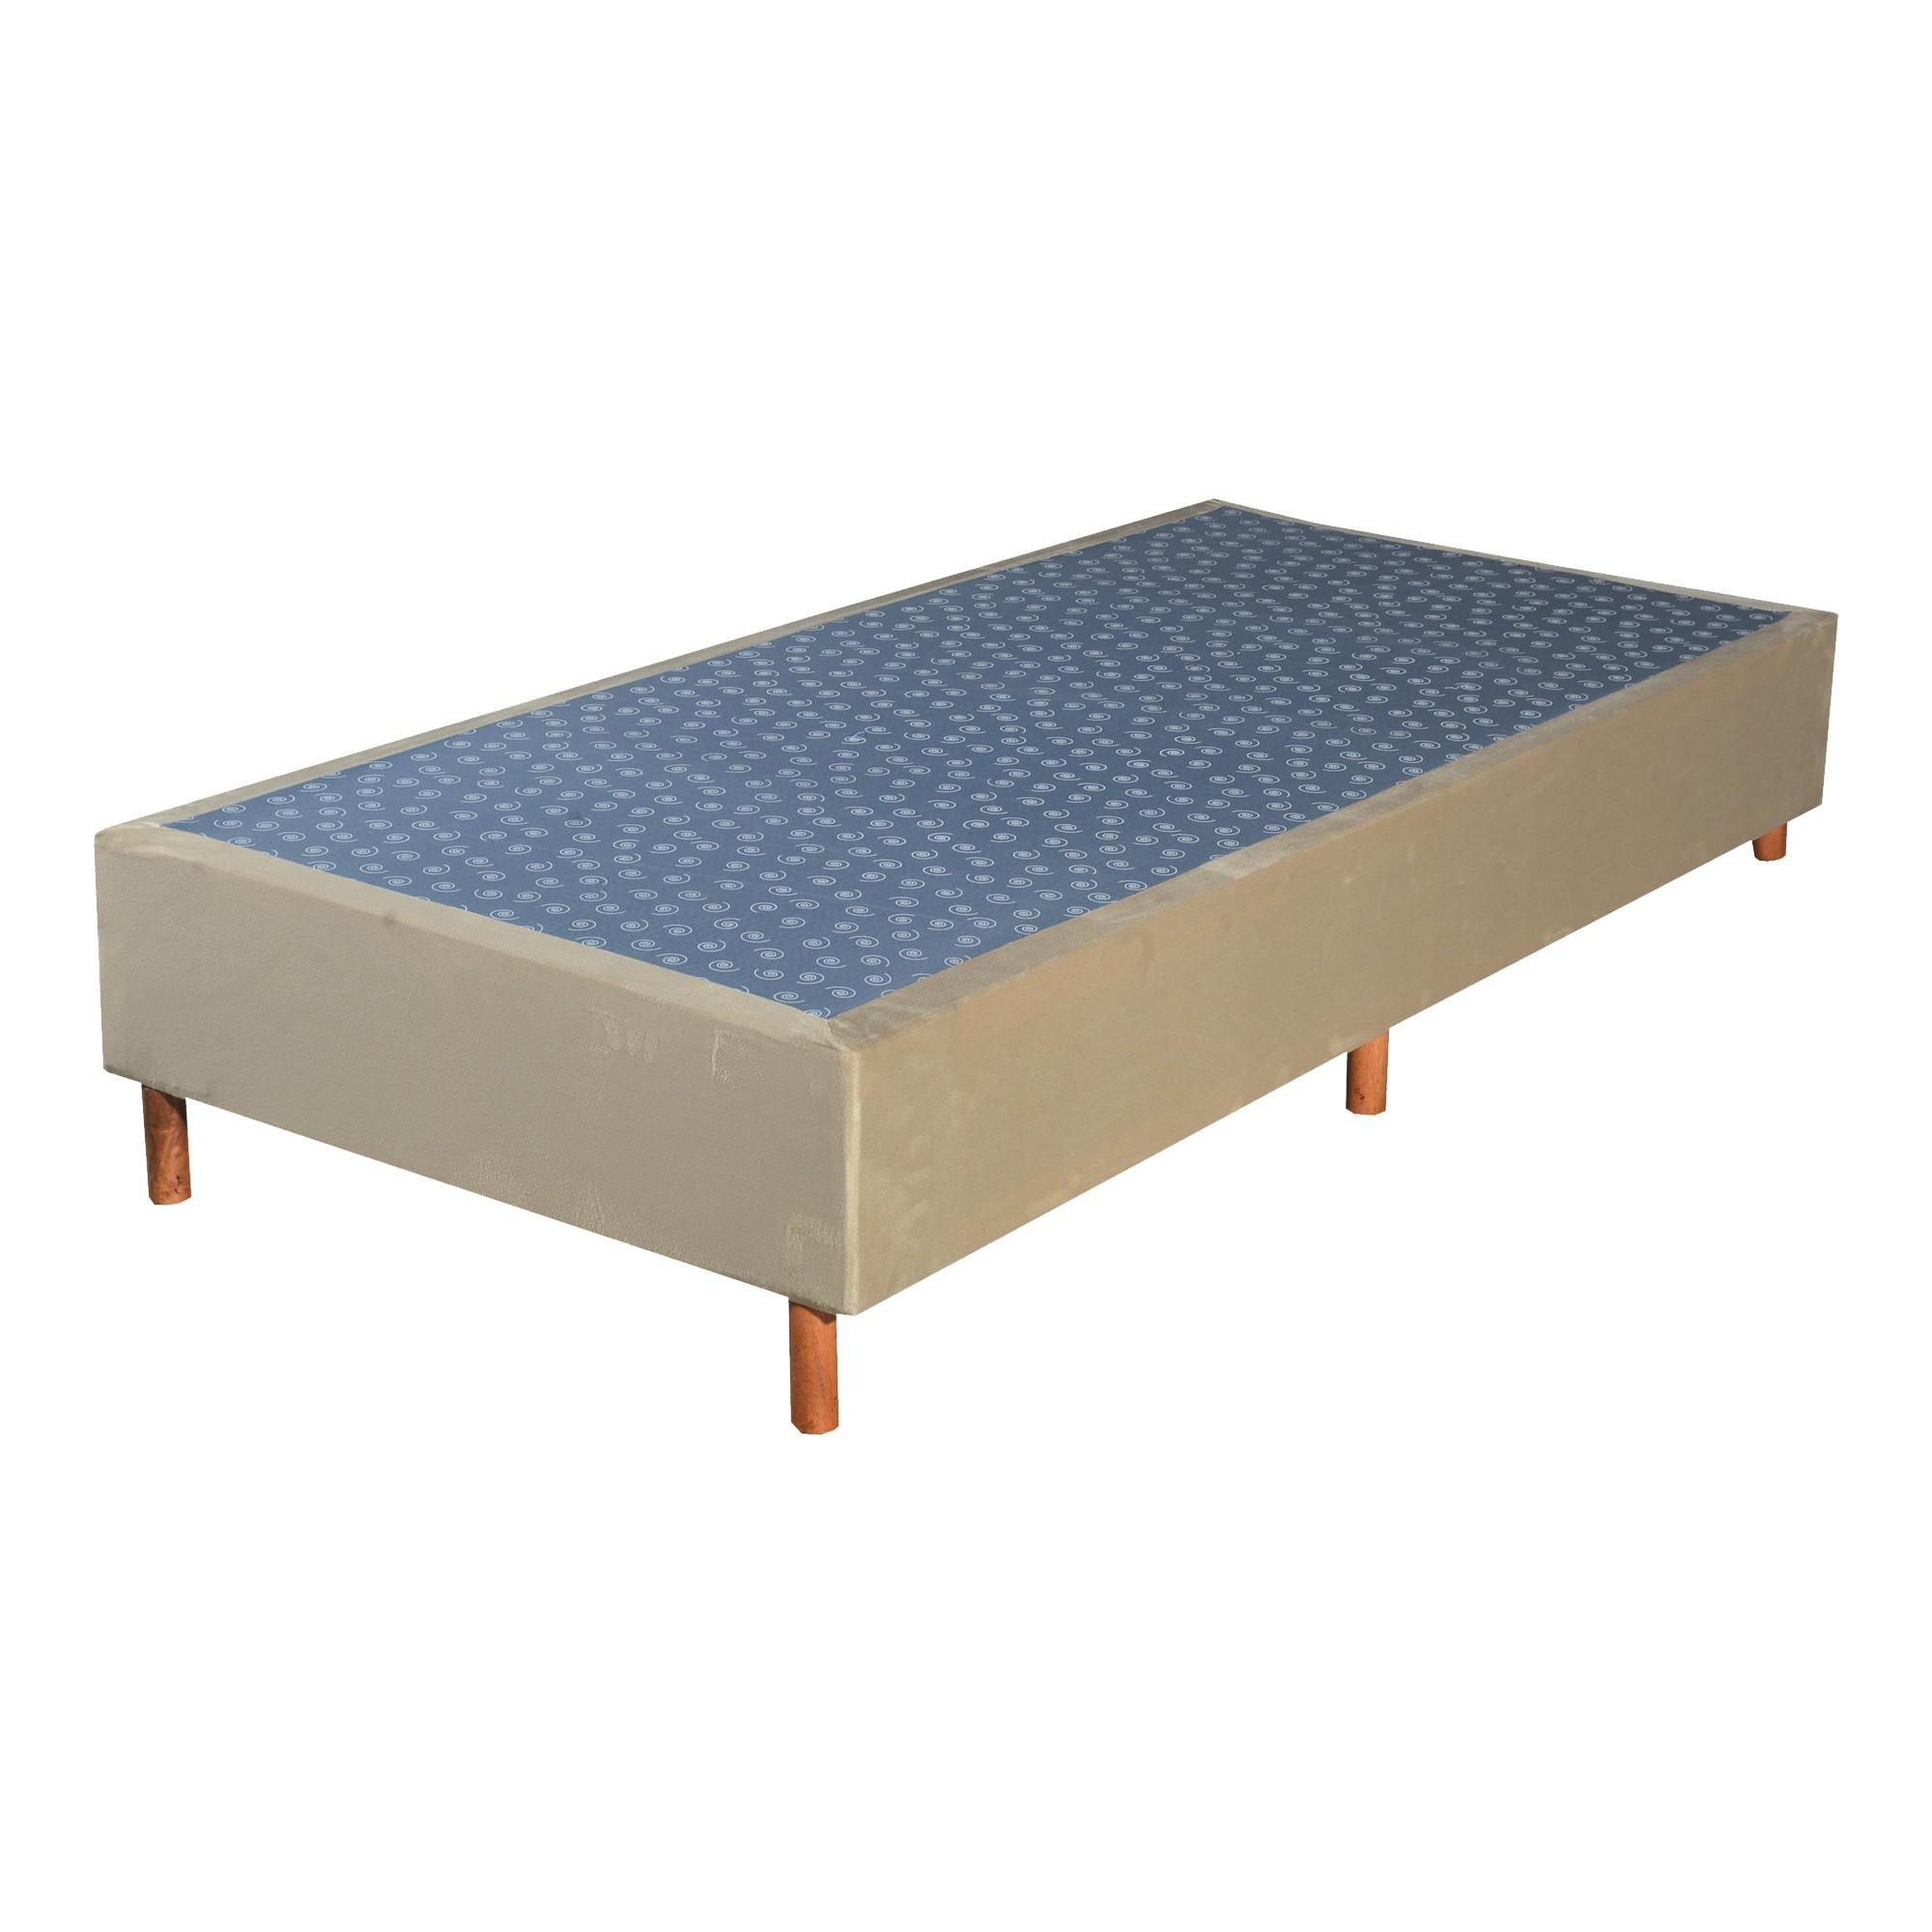 Cama Box Base Solteiro Veludo Bege 088x188x30